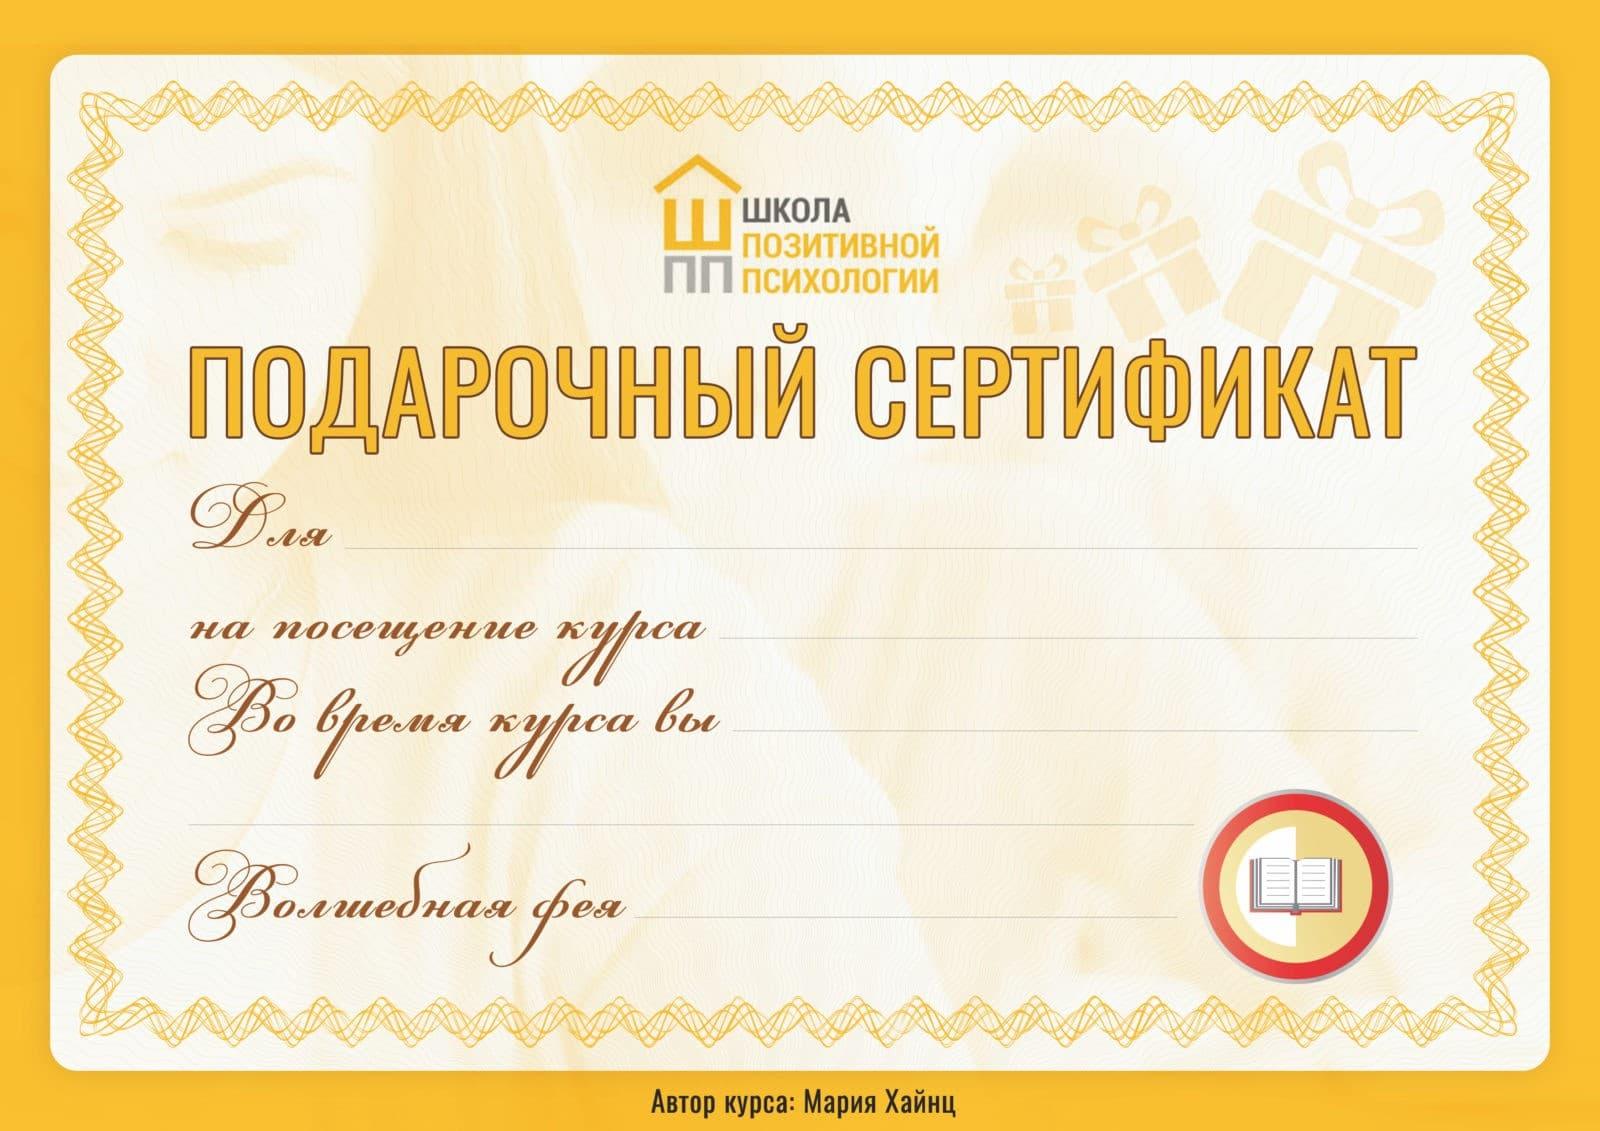 подарочный сертификат Шаблон